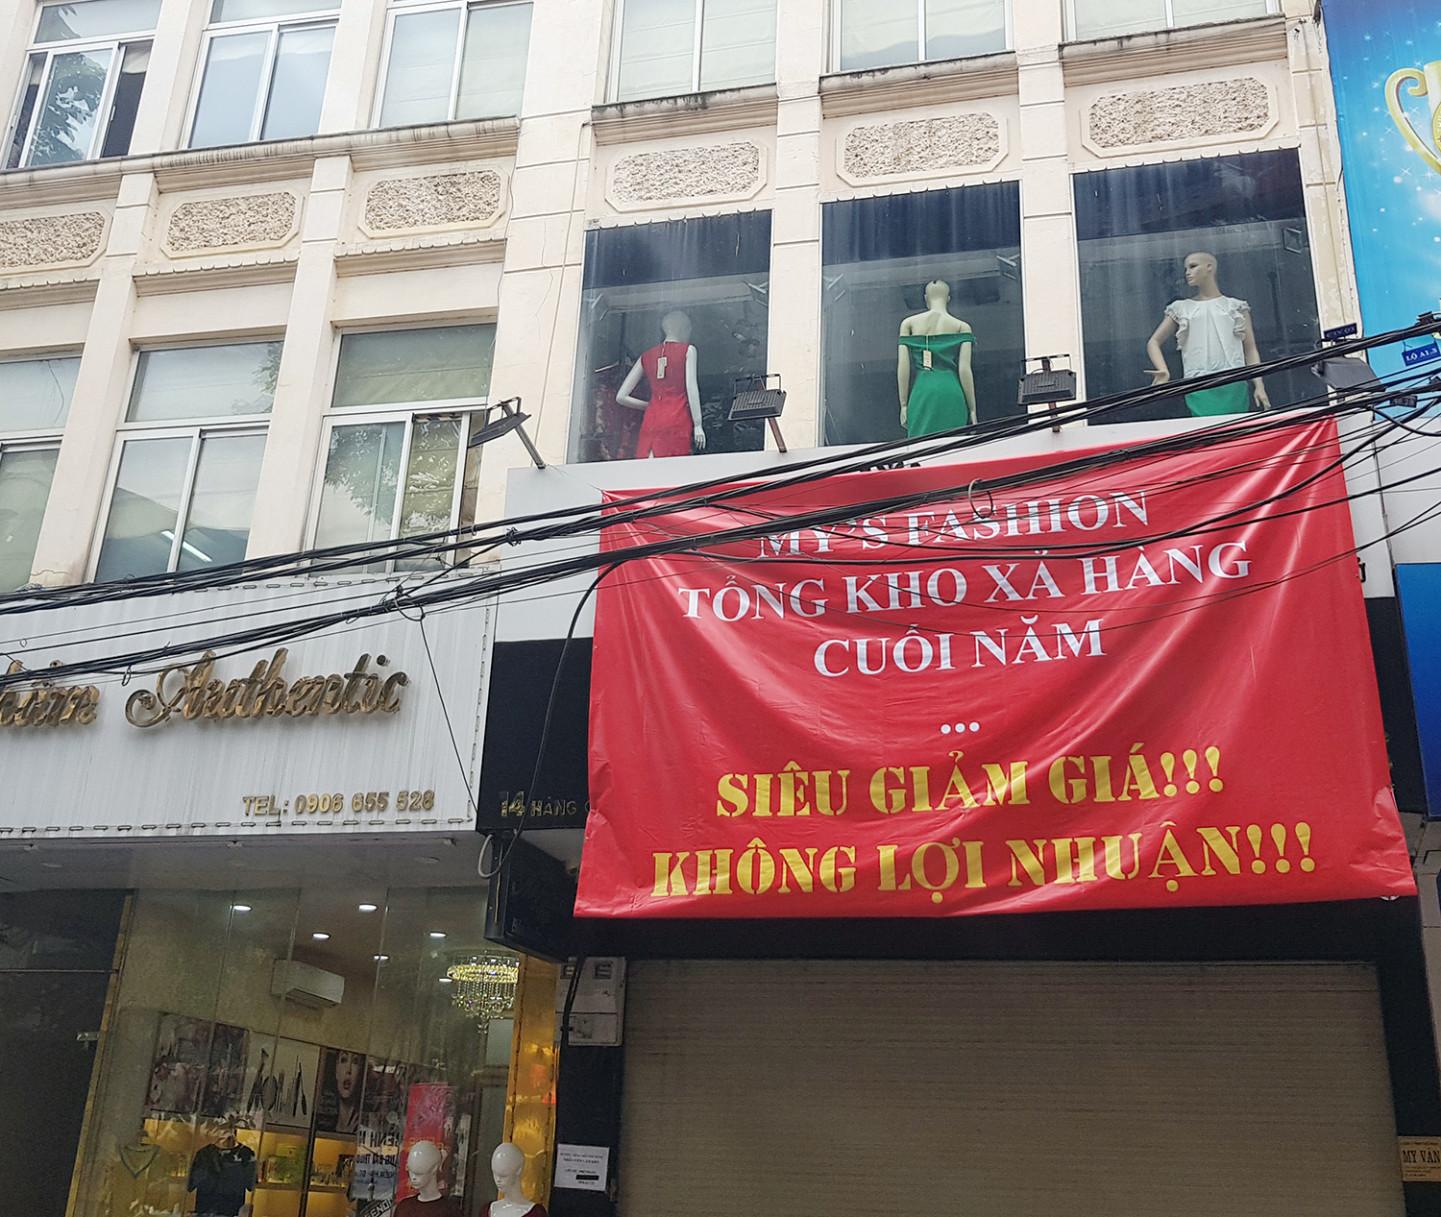 Một cửa hàng thời trang trên phố Hàng Cót sau